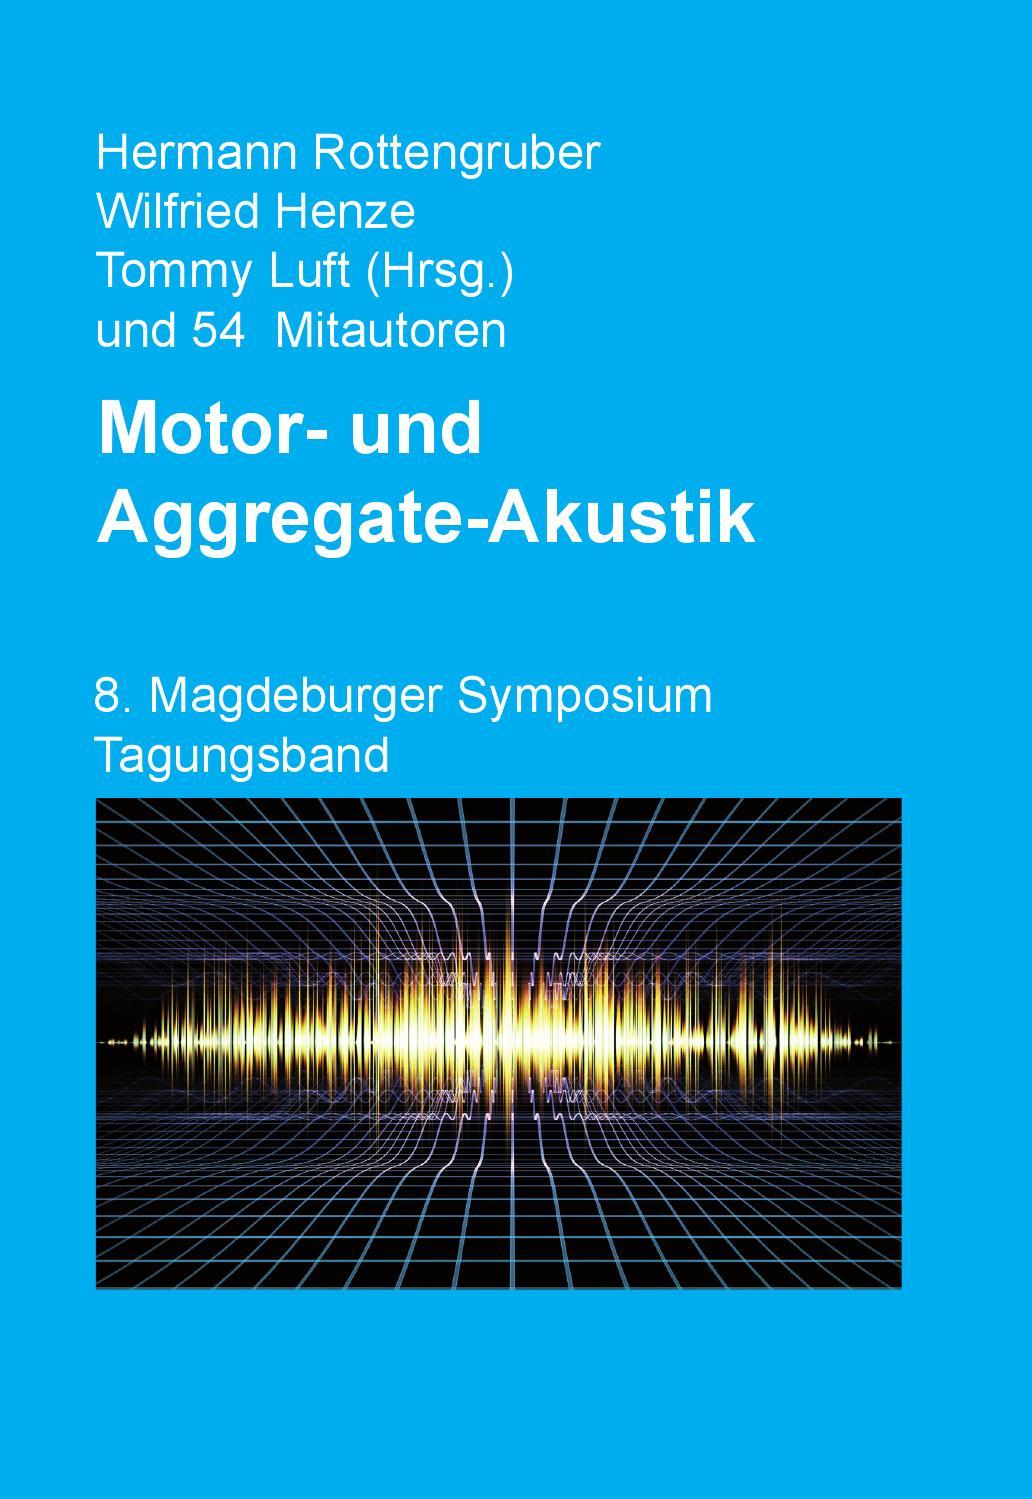 8 Magdeburger Symposium Tagungsband by Otto-von-Guericke ...